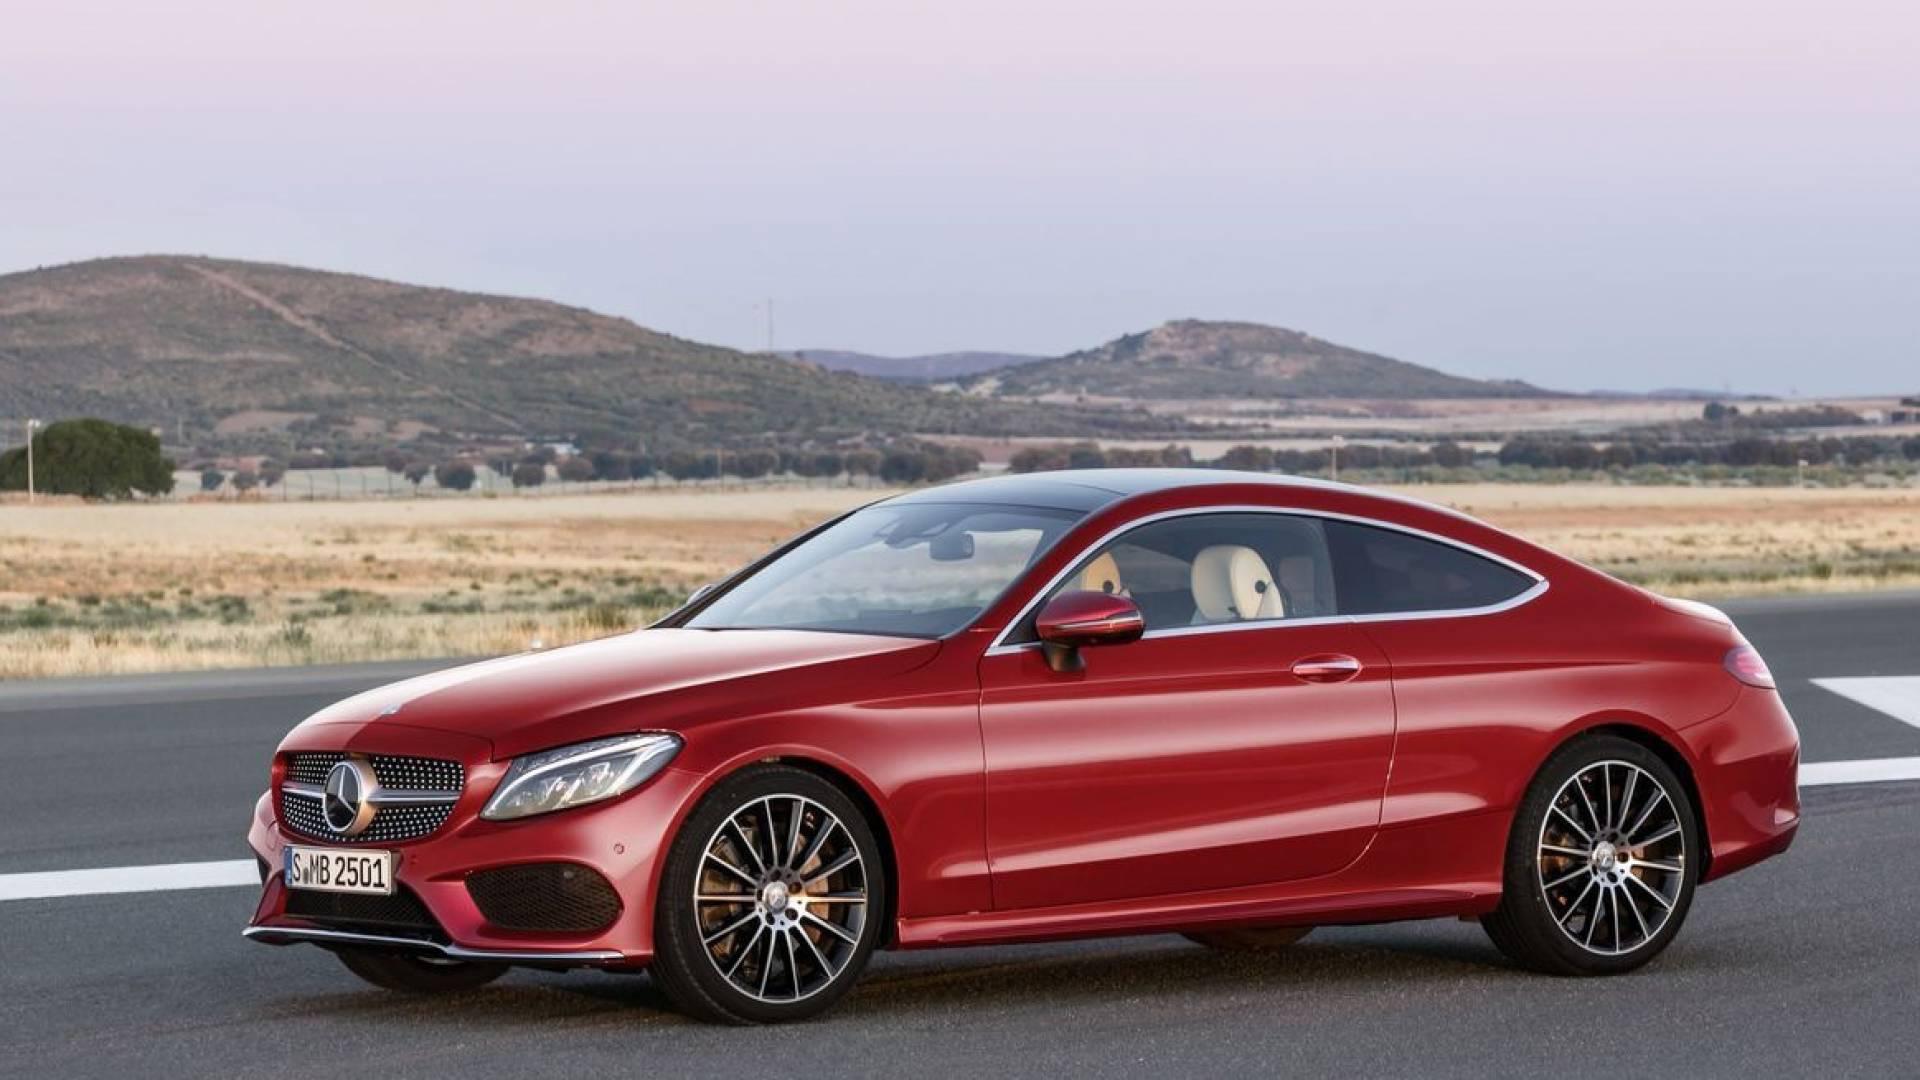 Mercedes clase c coup y c 63 amg coup precios prueba for Mercedes benz clase c